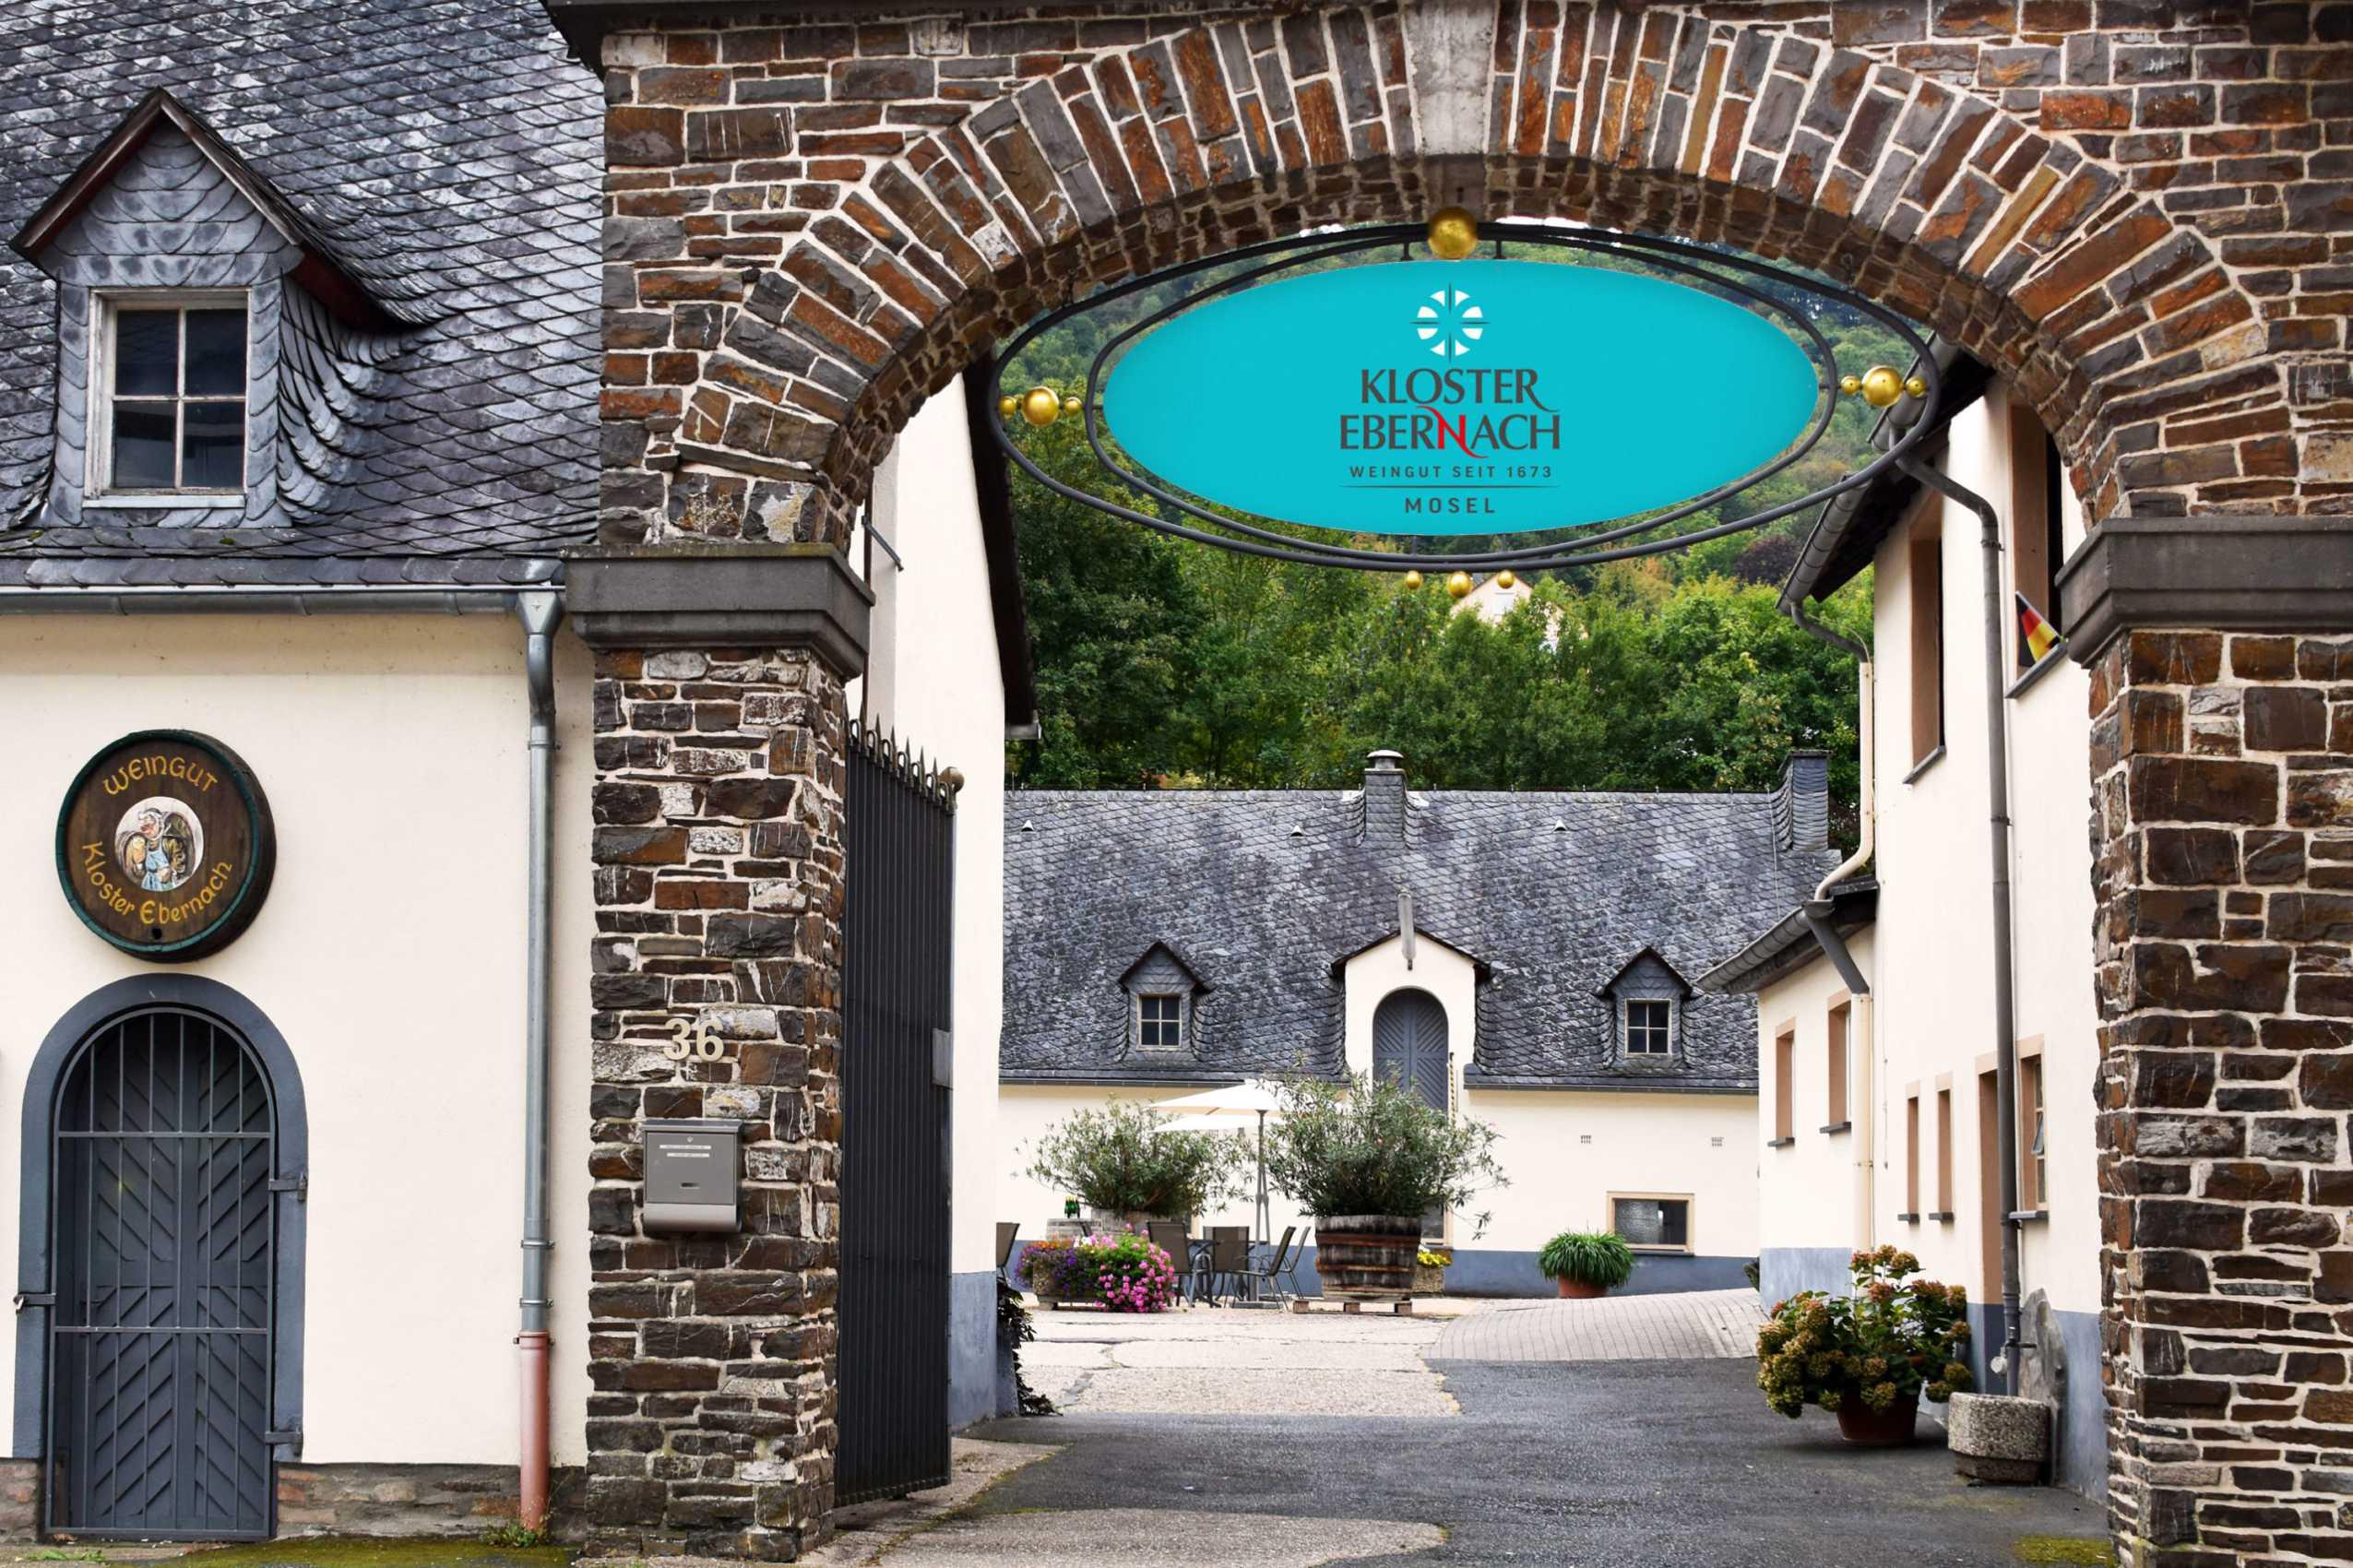 Torbogen zum Weingut Kloster Ebernach